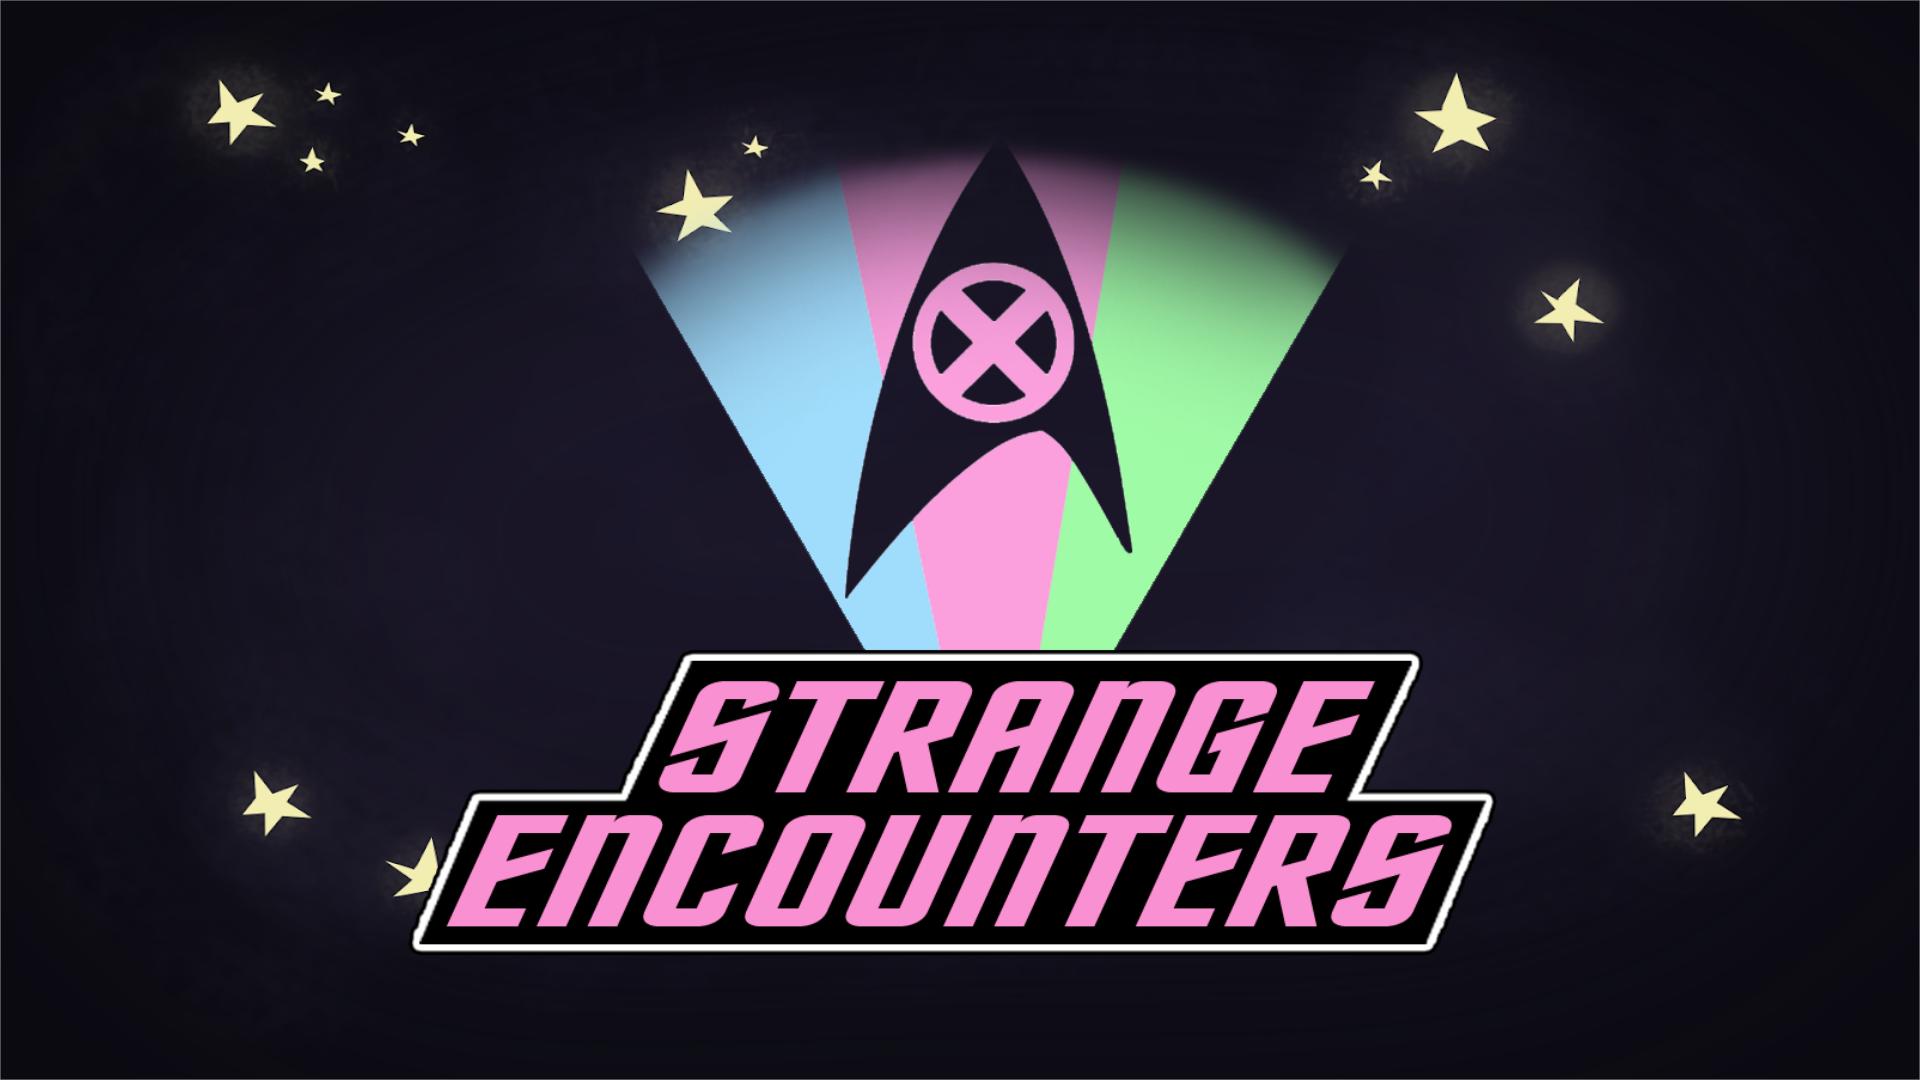 Strange encounters • 2015